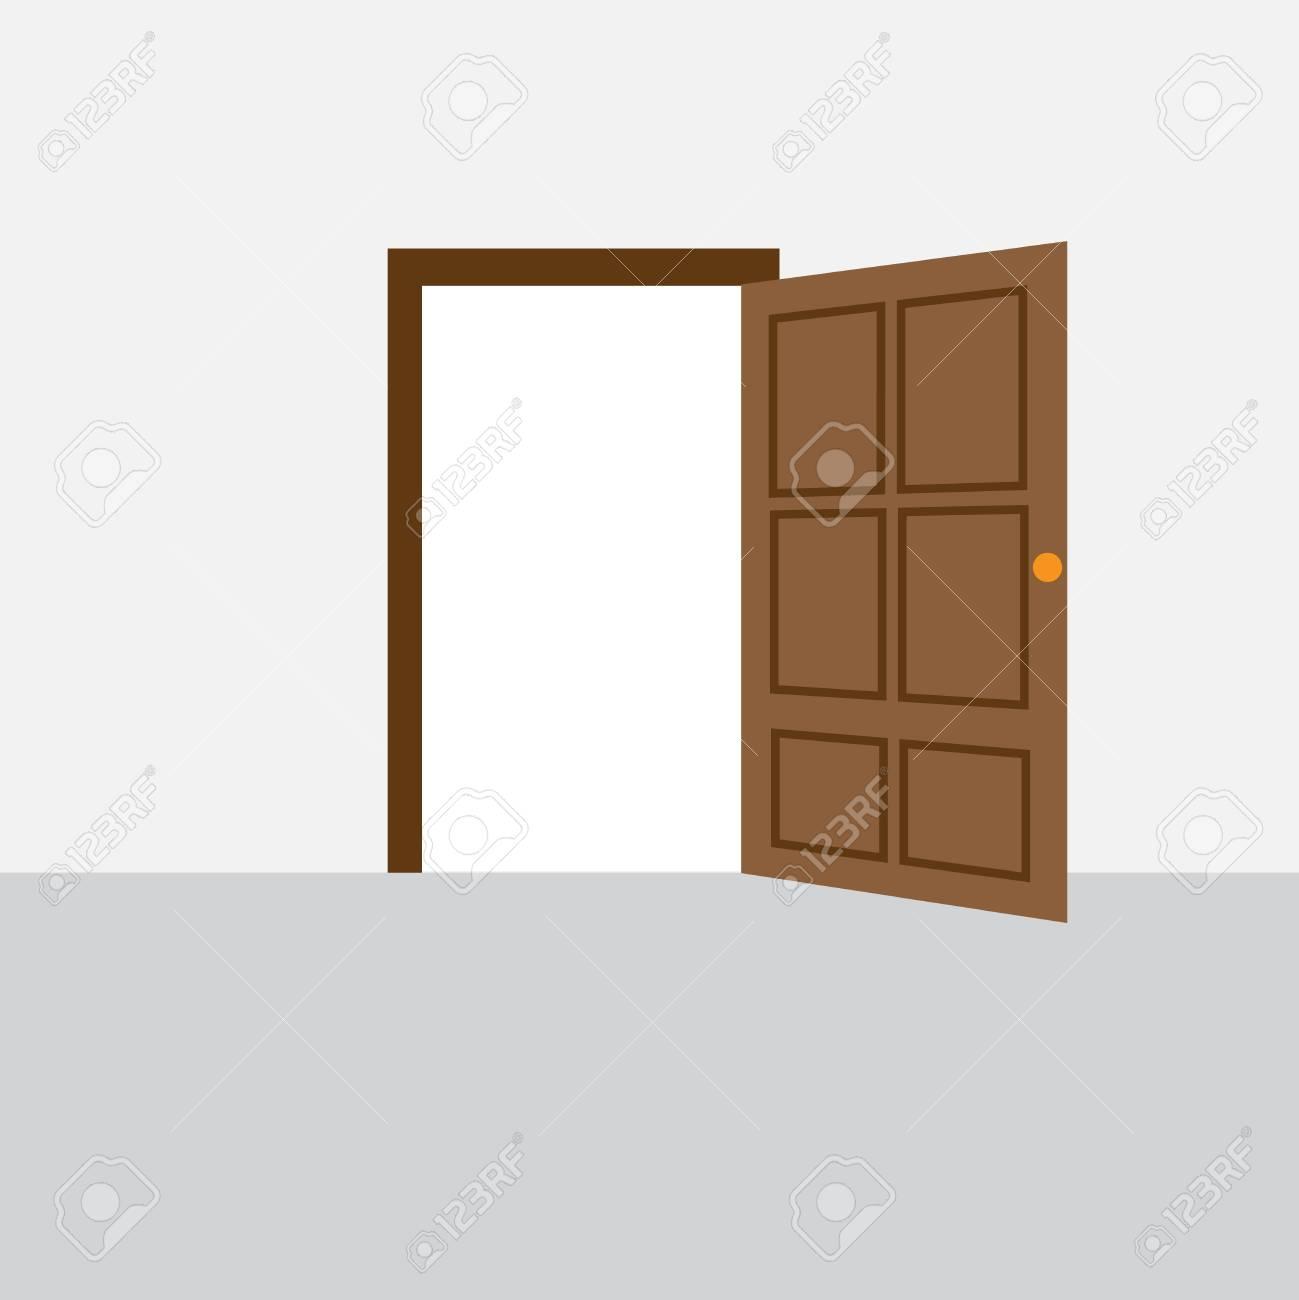 Open front door illustration Vector Illustration Open Door House Front Illustration Stock Vector 85319039 123rfcom Open Door House Front Illustration Royalty Free Cliparts Vectors